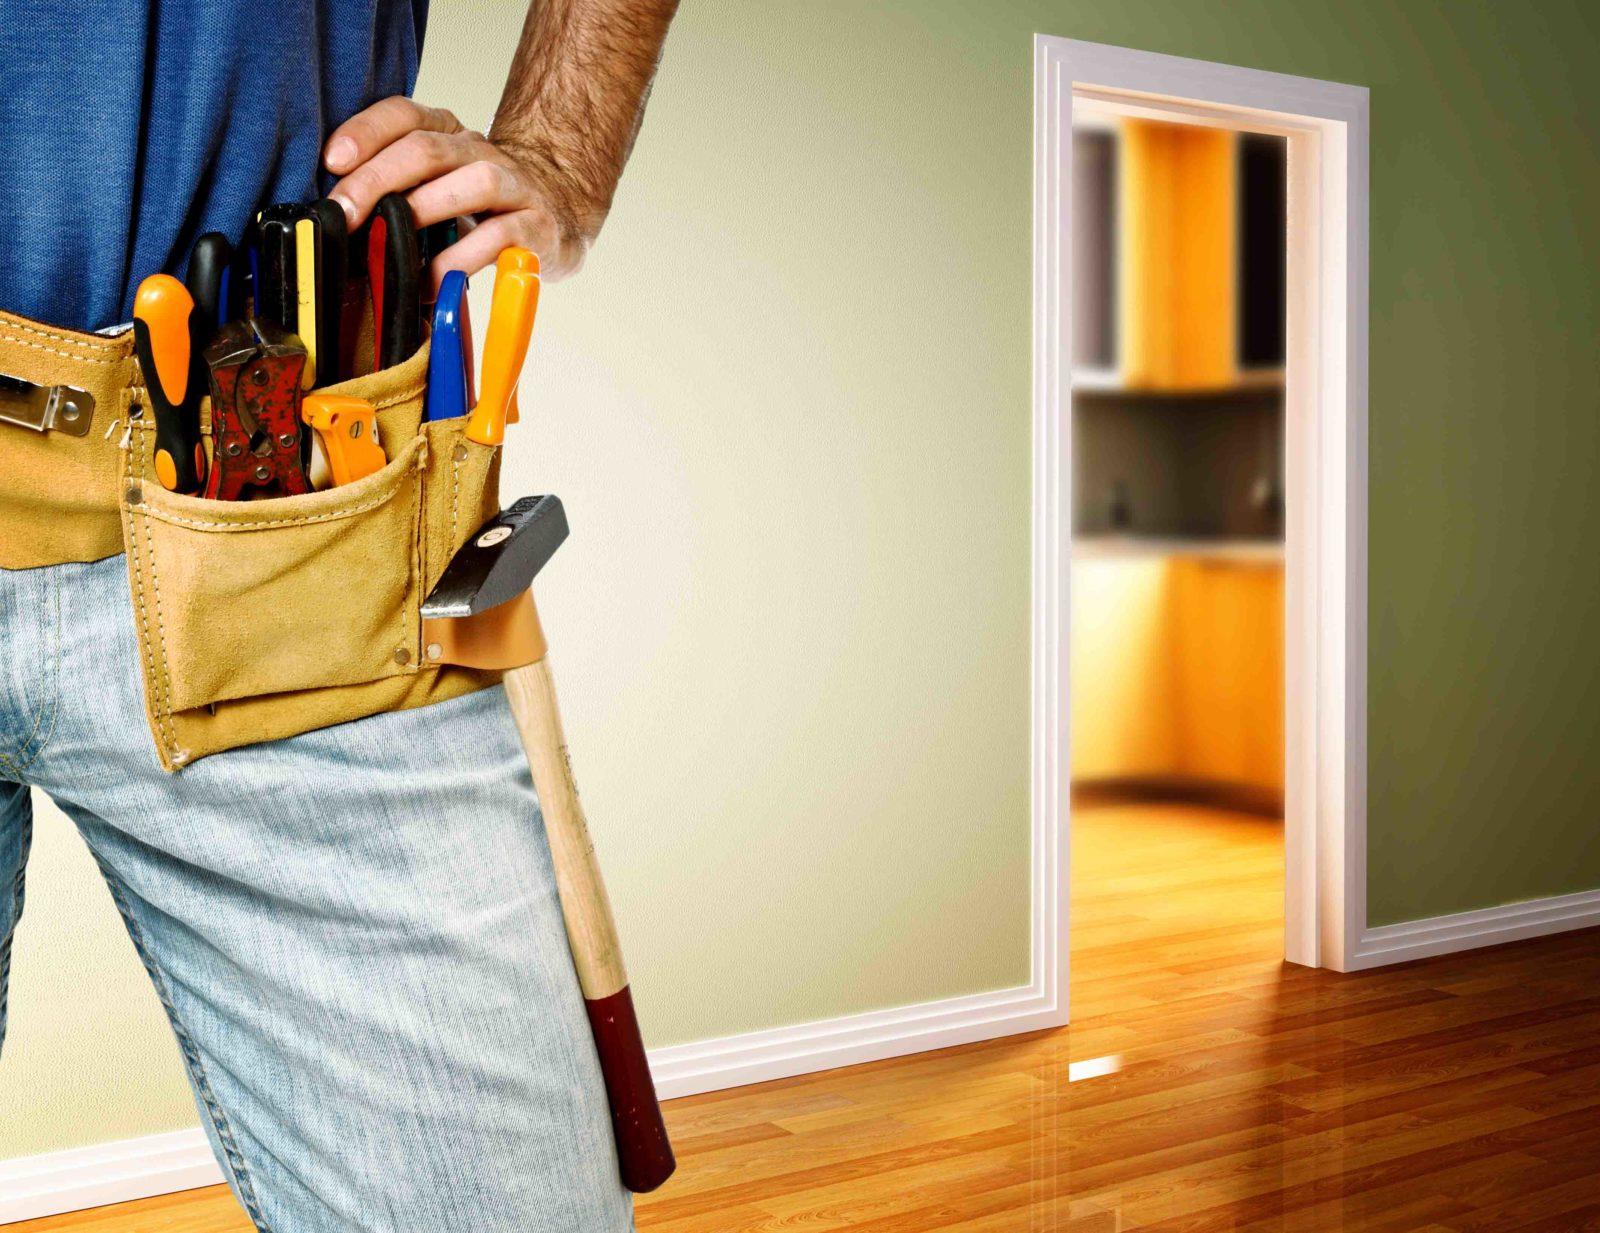 [:ua]Кошторис на ремонт квартири[:ru]Смета на ремонт квартиры[:]